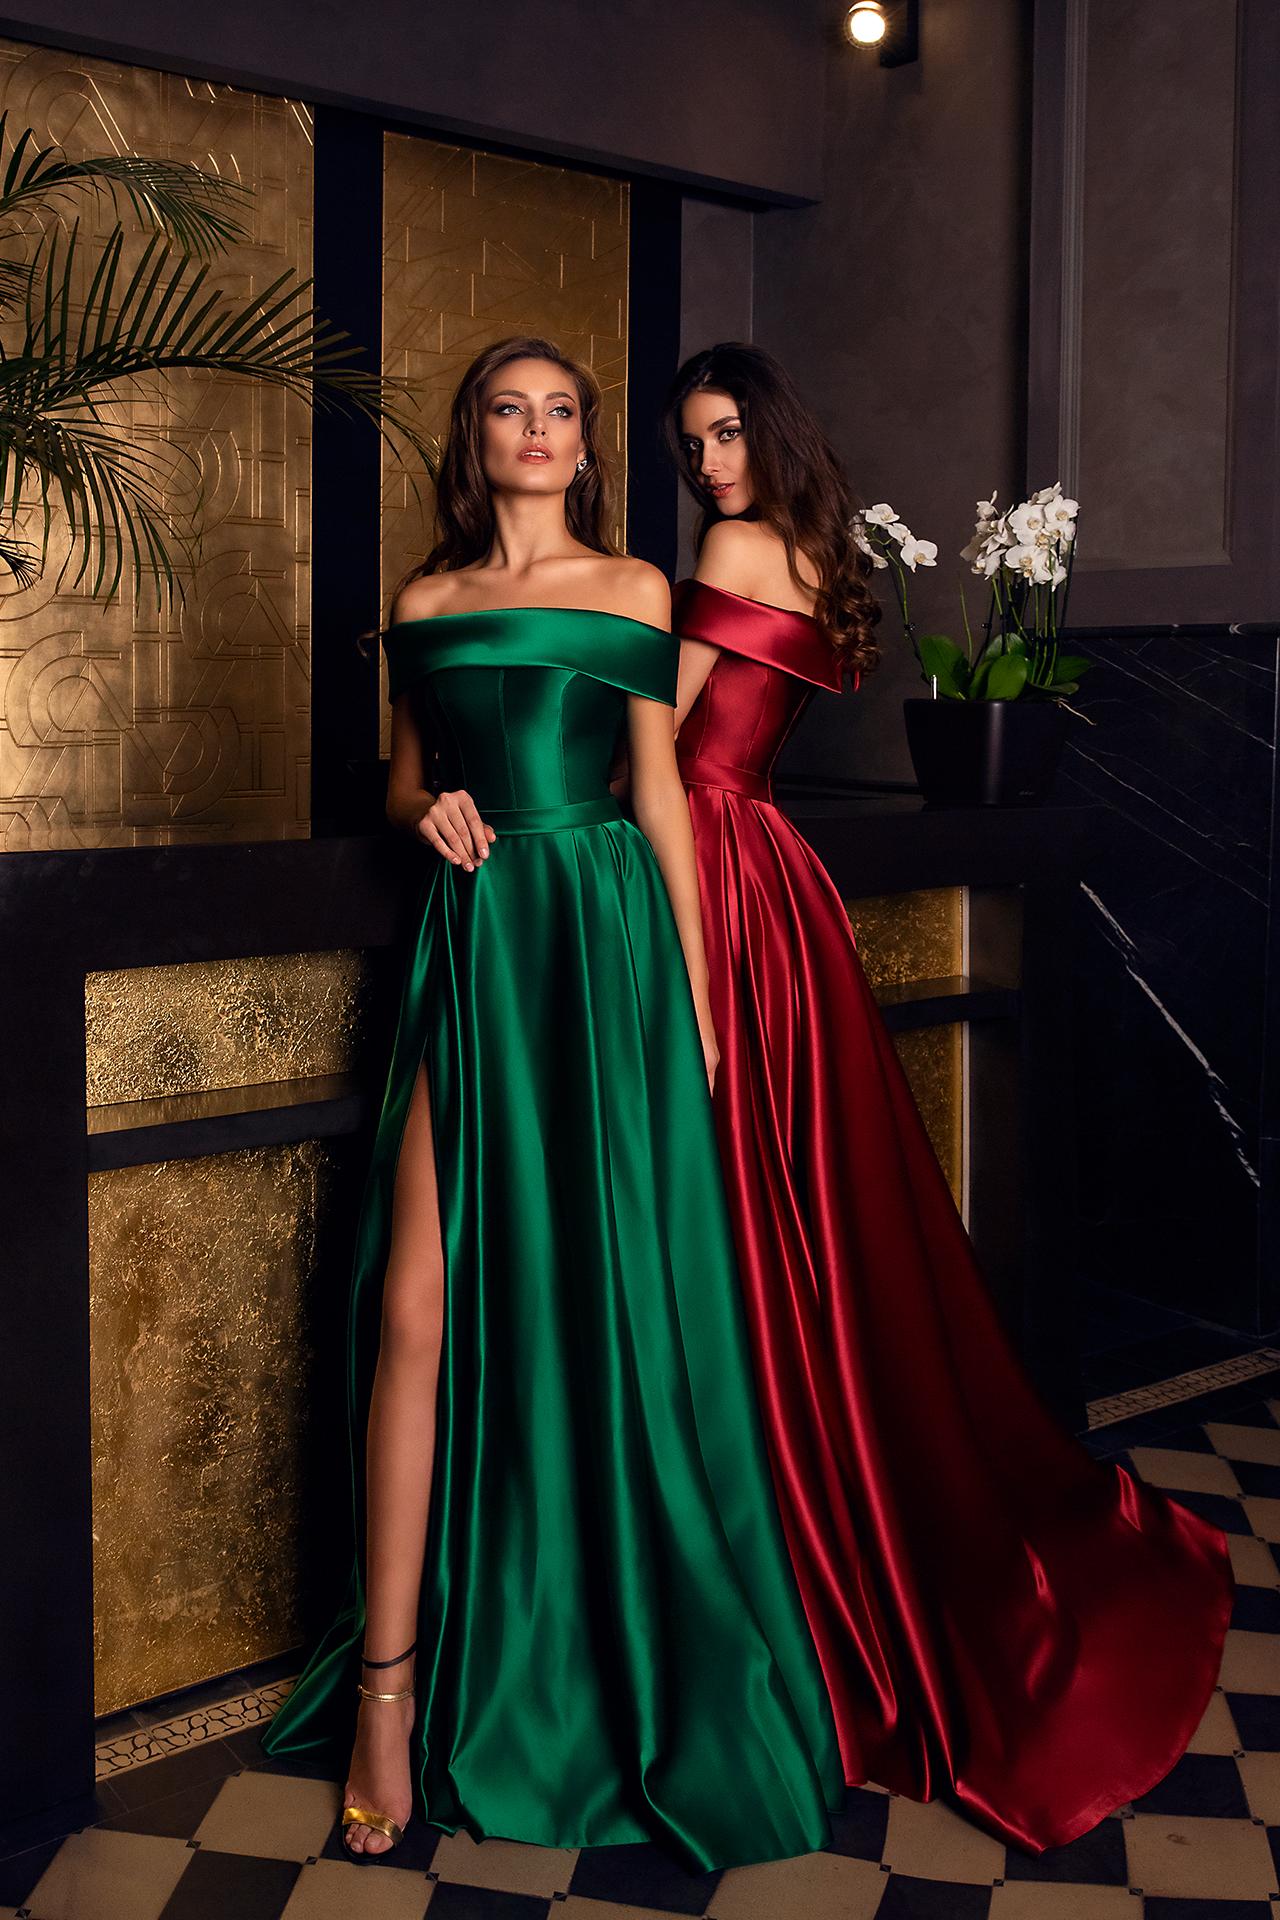 Вечірні сукні 1537 Силует  А-Силует  Колір  Синій   Зелений  Чорний  Червоний  Виріз  Прямий  Рукави  Приспущений